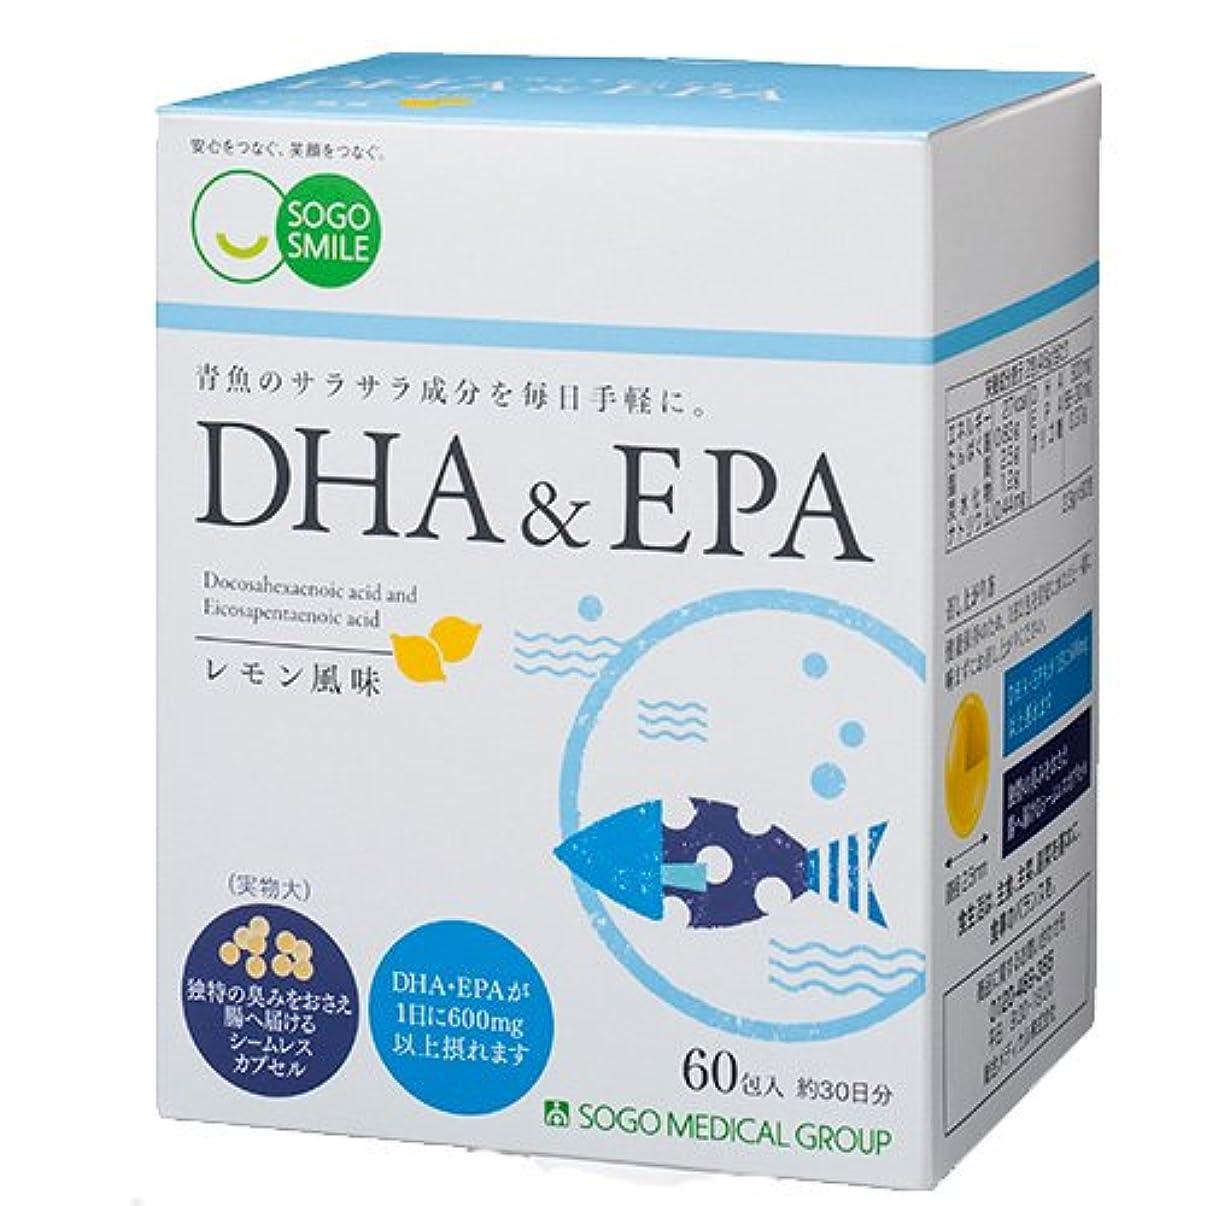 輸送描写取り囲む総合メディカル DHA&EPA(2.3g ×60 包)DHA含有精製魚油加工食品